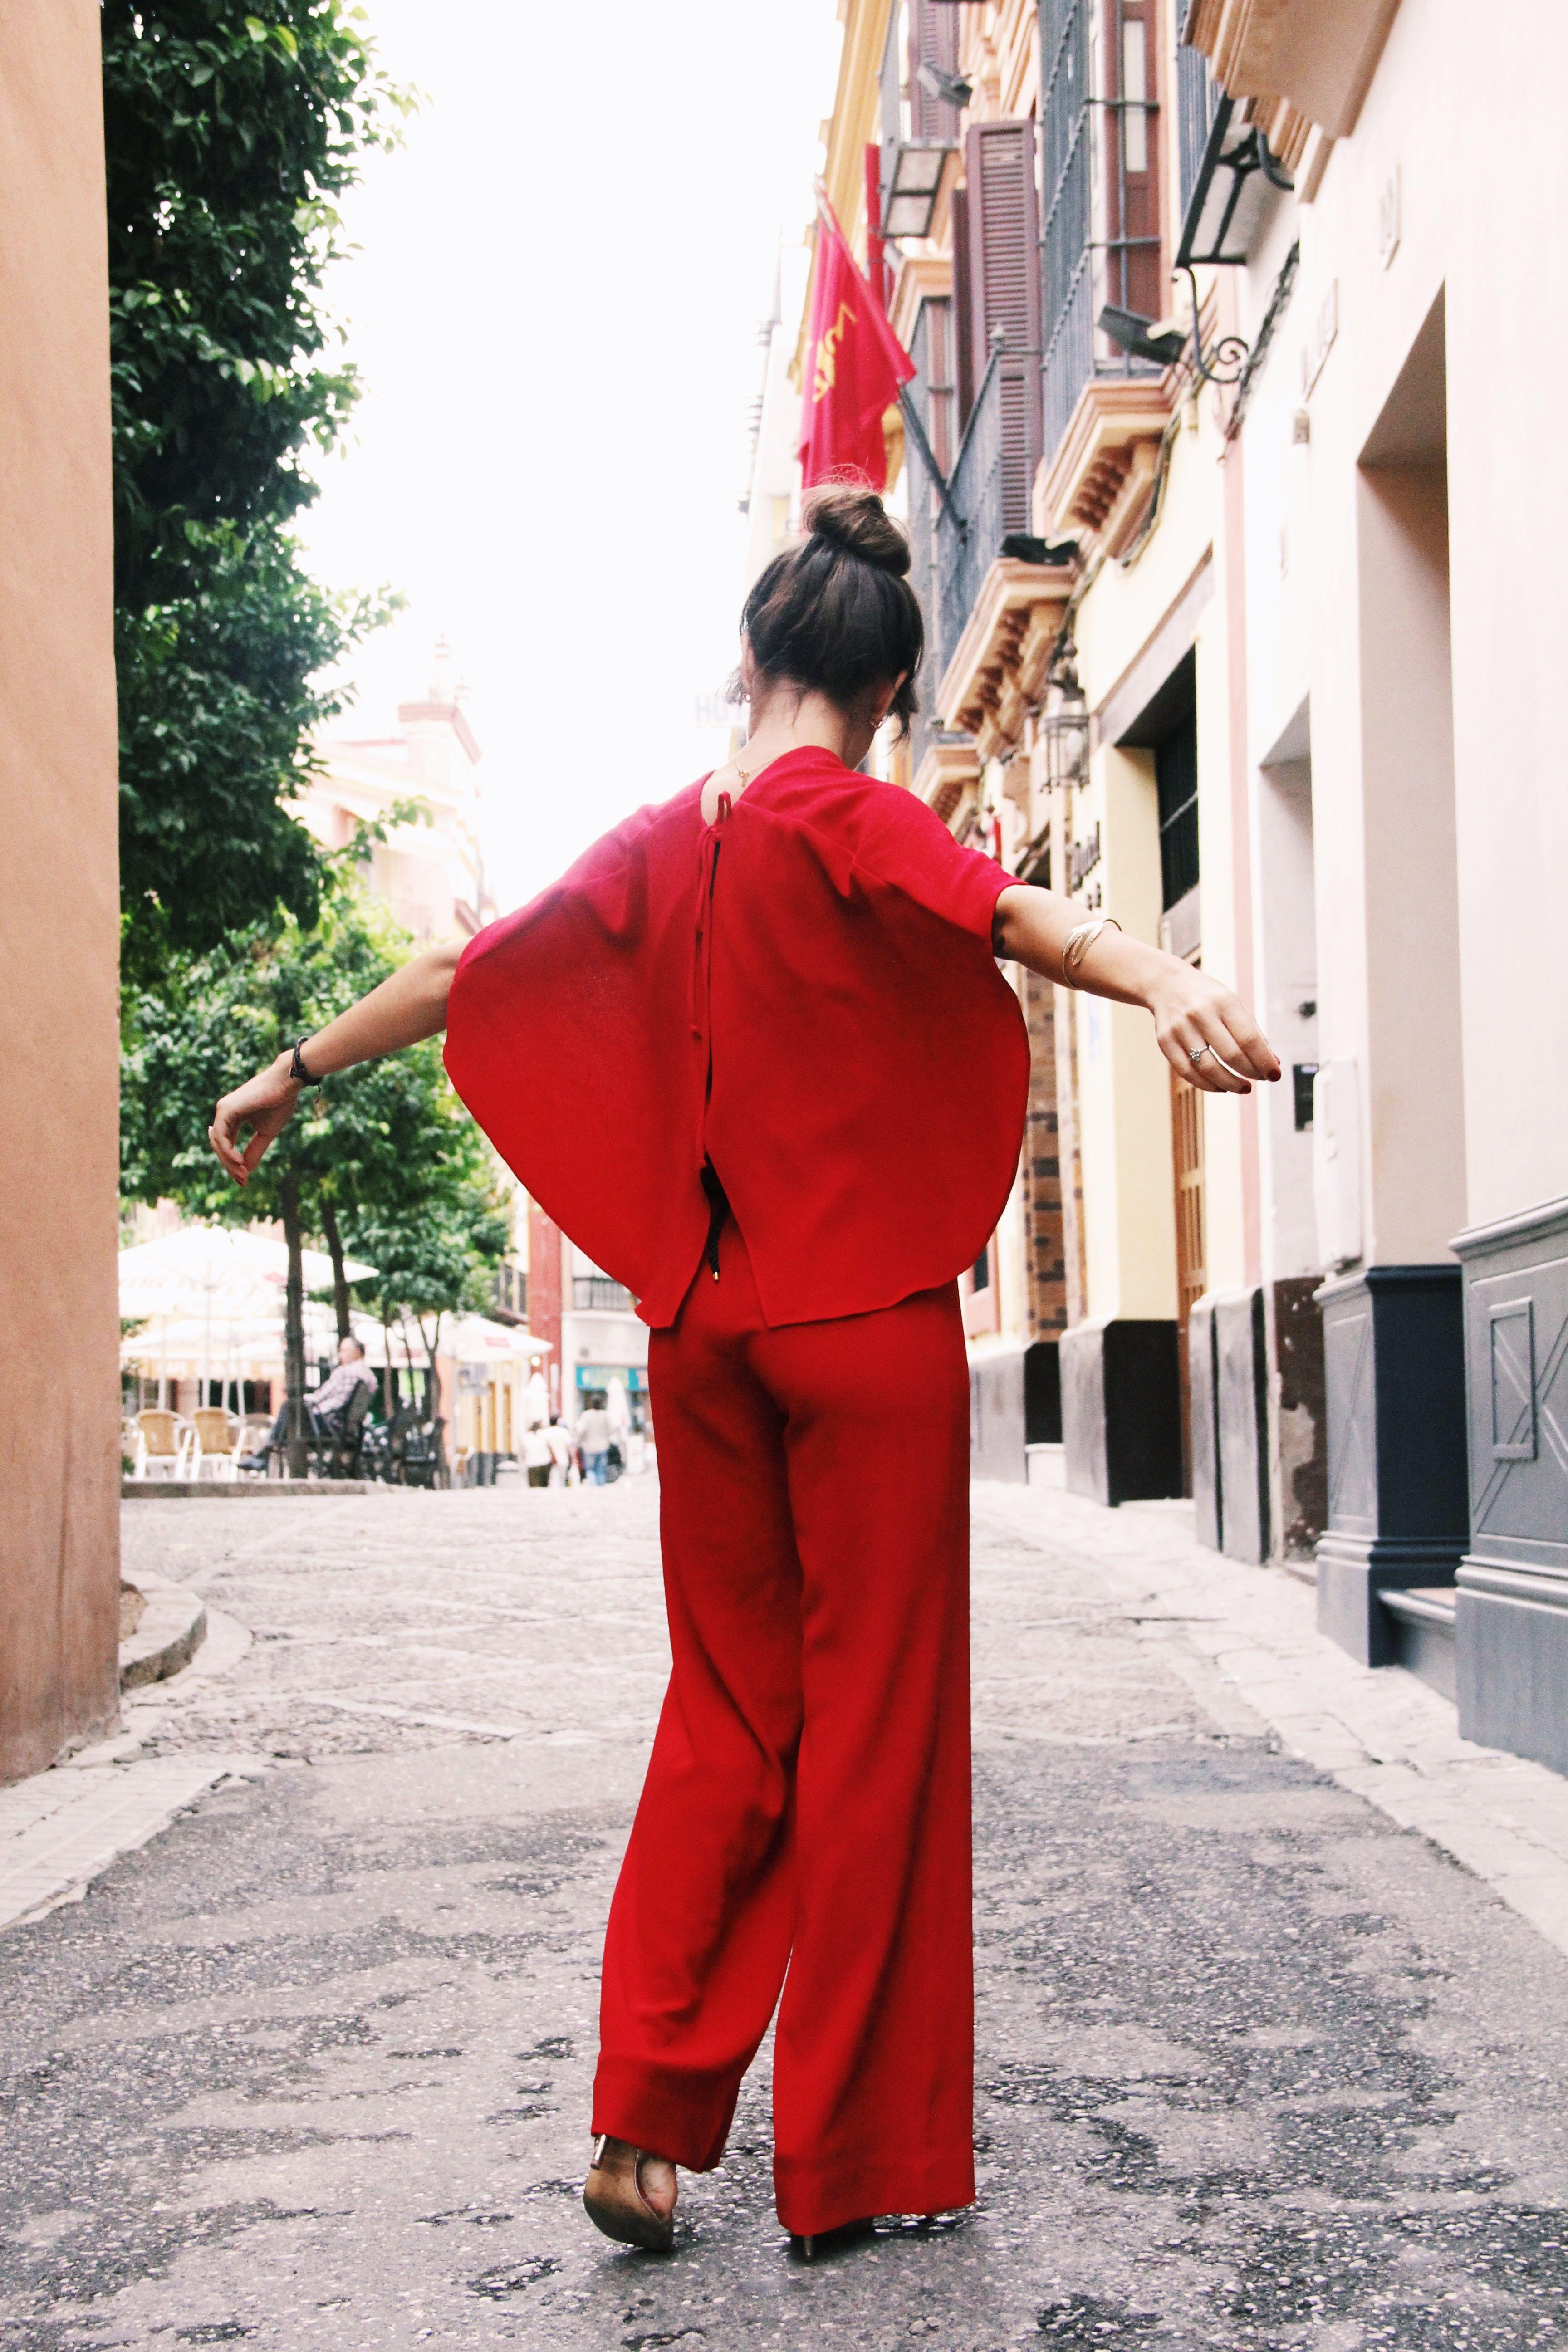 Zara- mono_rojo-Iook_de_boda-cinturon_de_pluma-complementos_dorados- red_outfit- chaqueta_terciopelo_bordado- Less_is_more-4